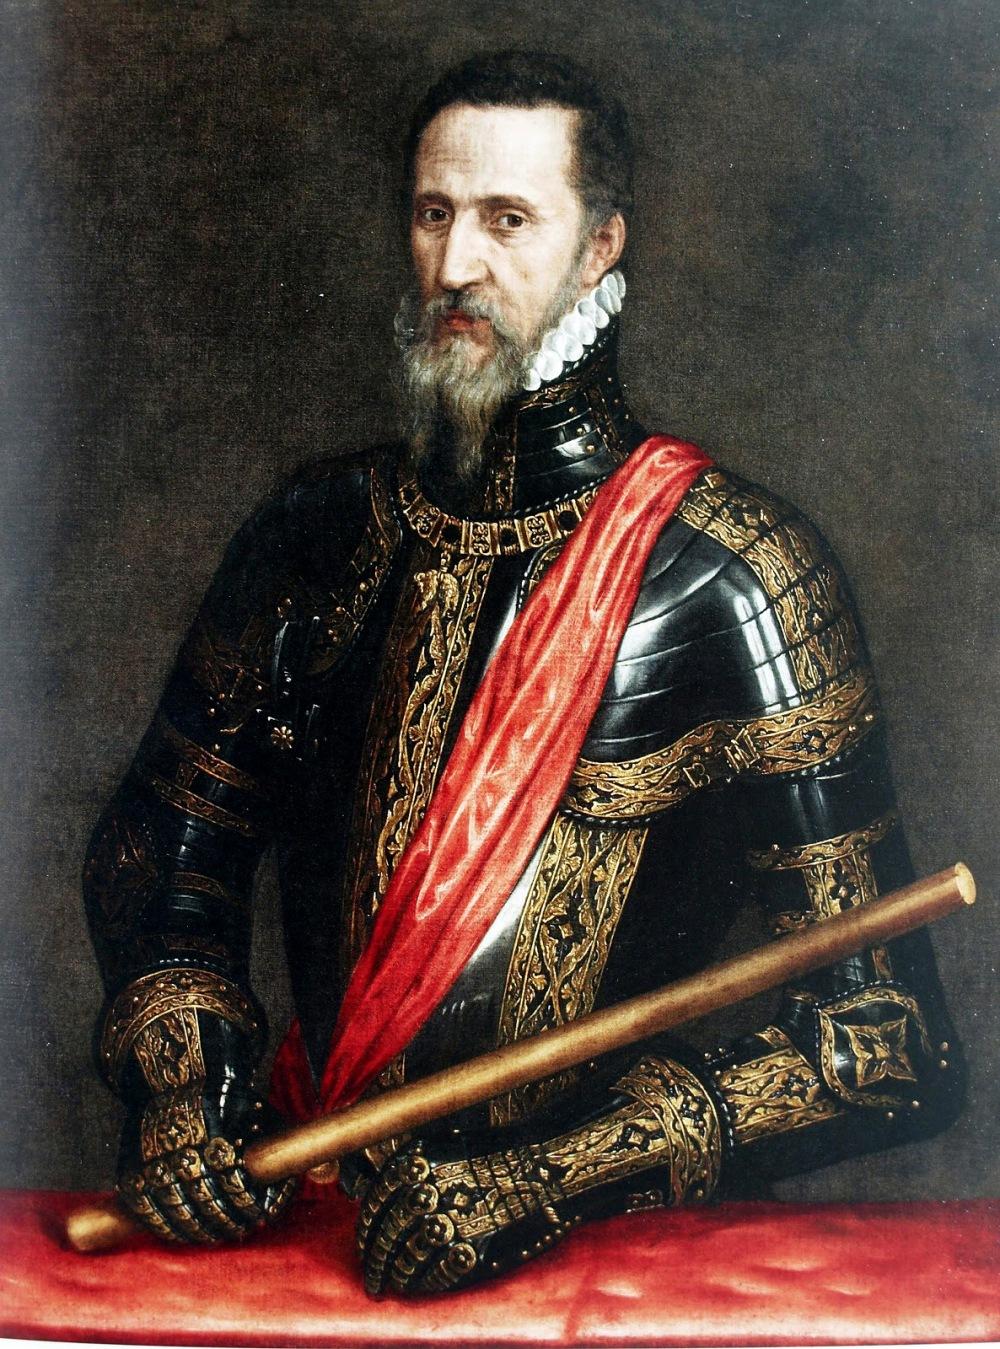 Tiziano. El duque de Alba. Primera mitad del siglo XVI. Palacio de Liria. Madrid.